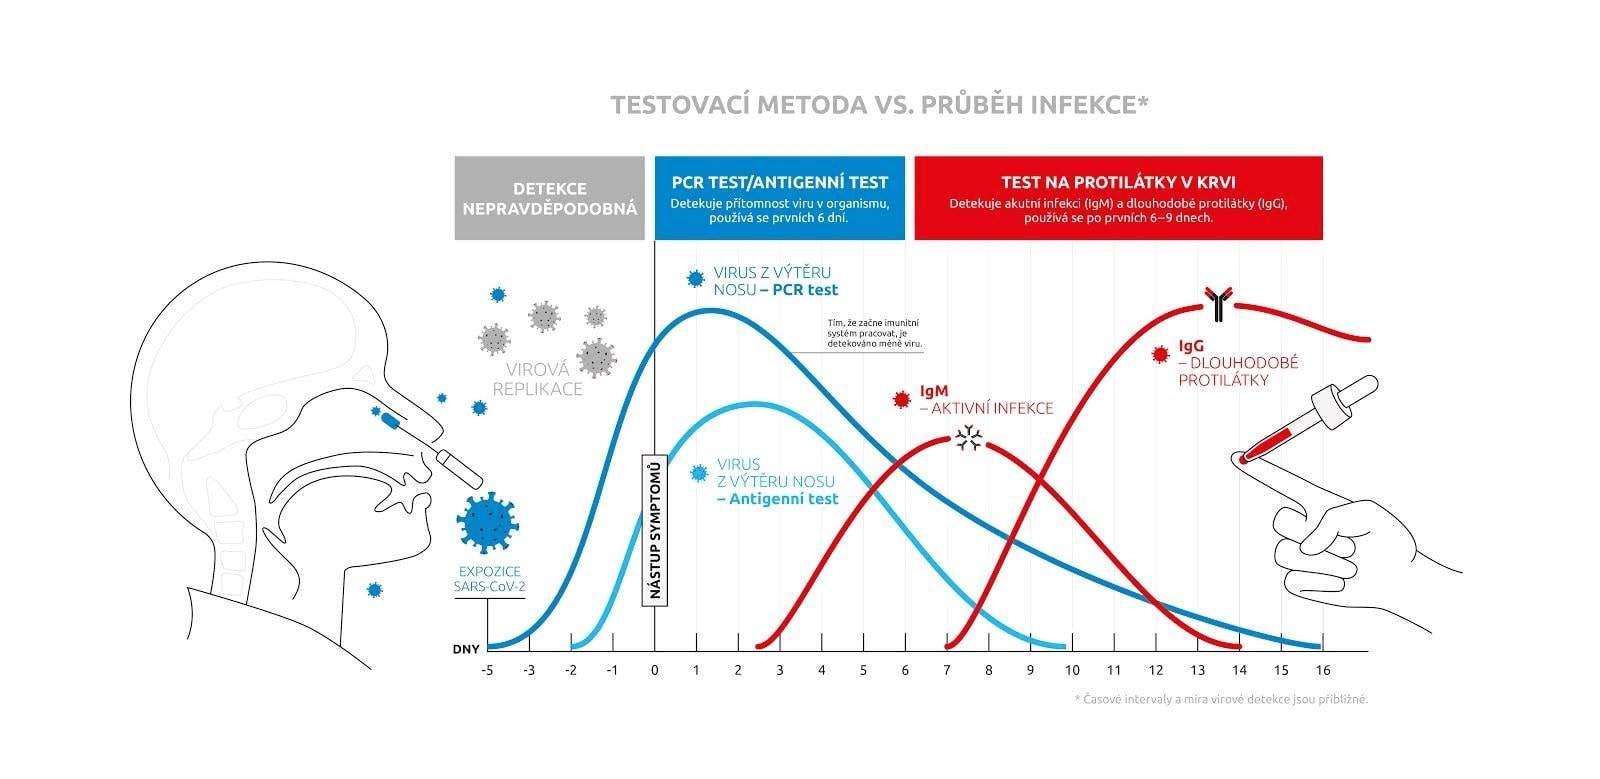 testovaci-metoda